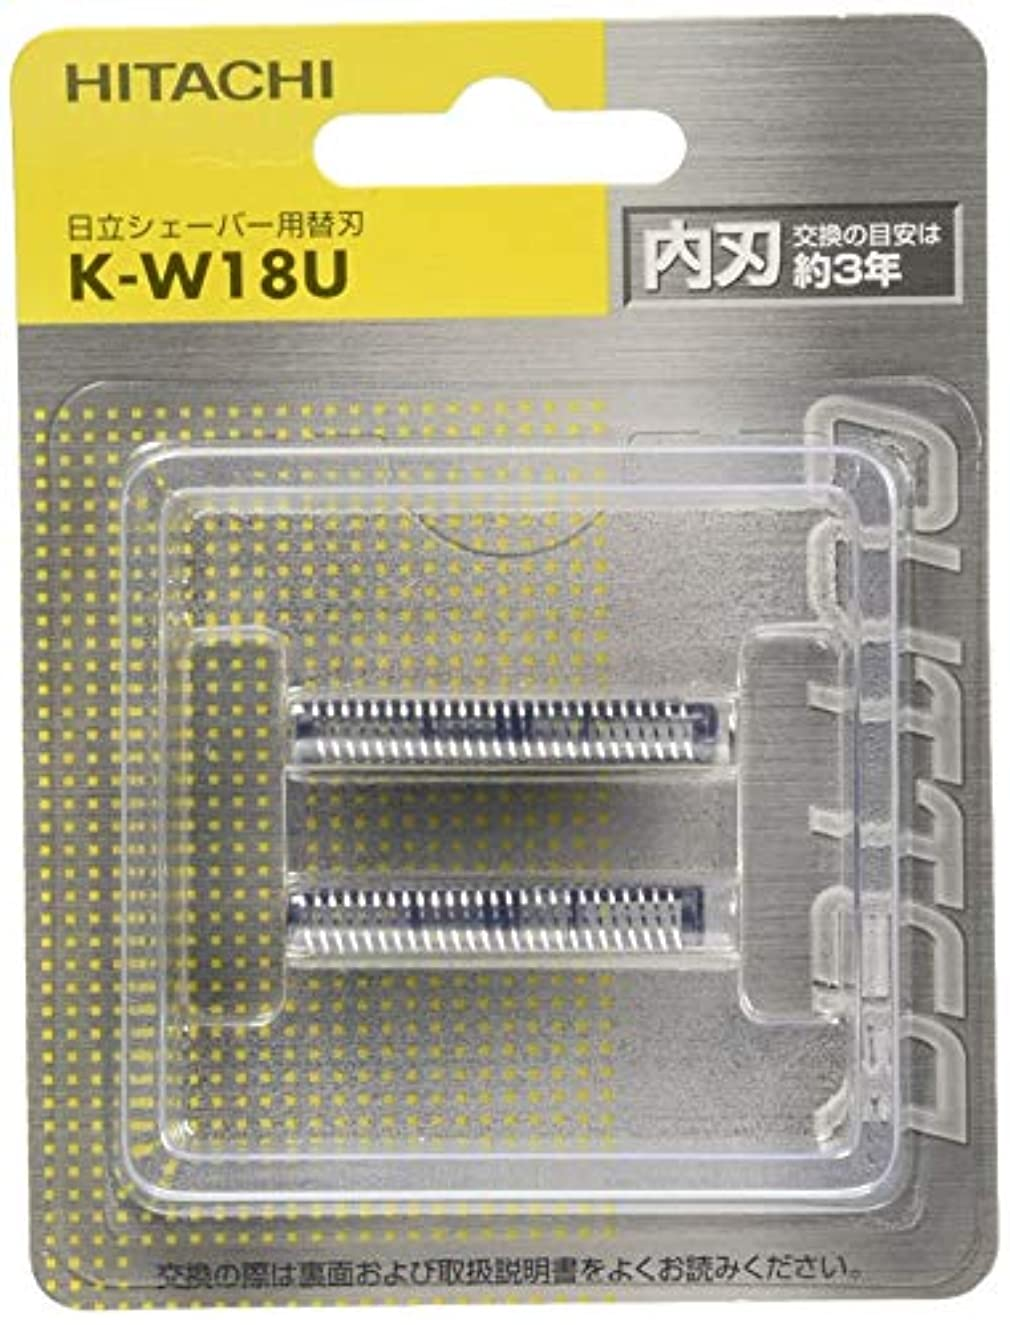 ありがたい夜明け危険な日立 替刃 内刃 K-W18U